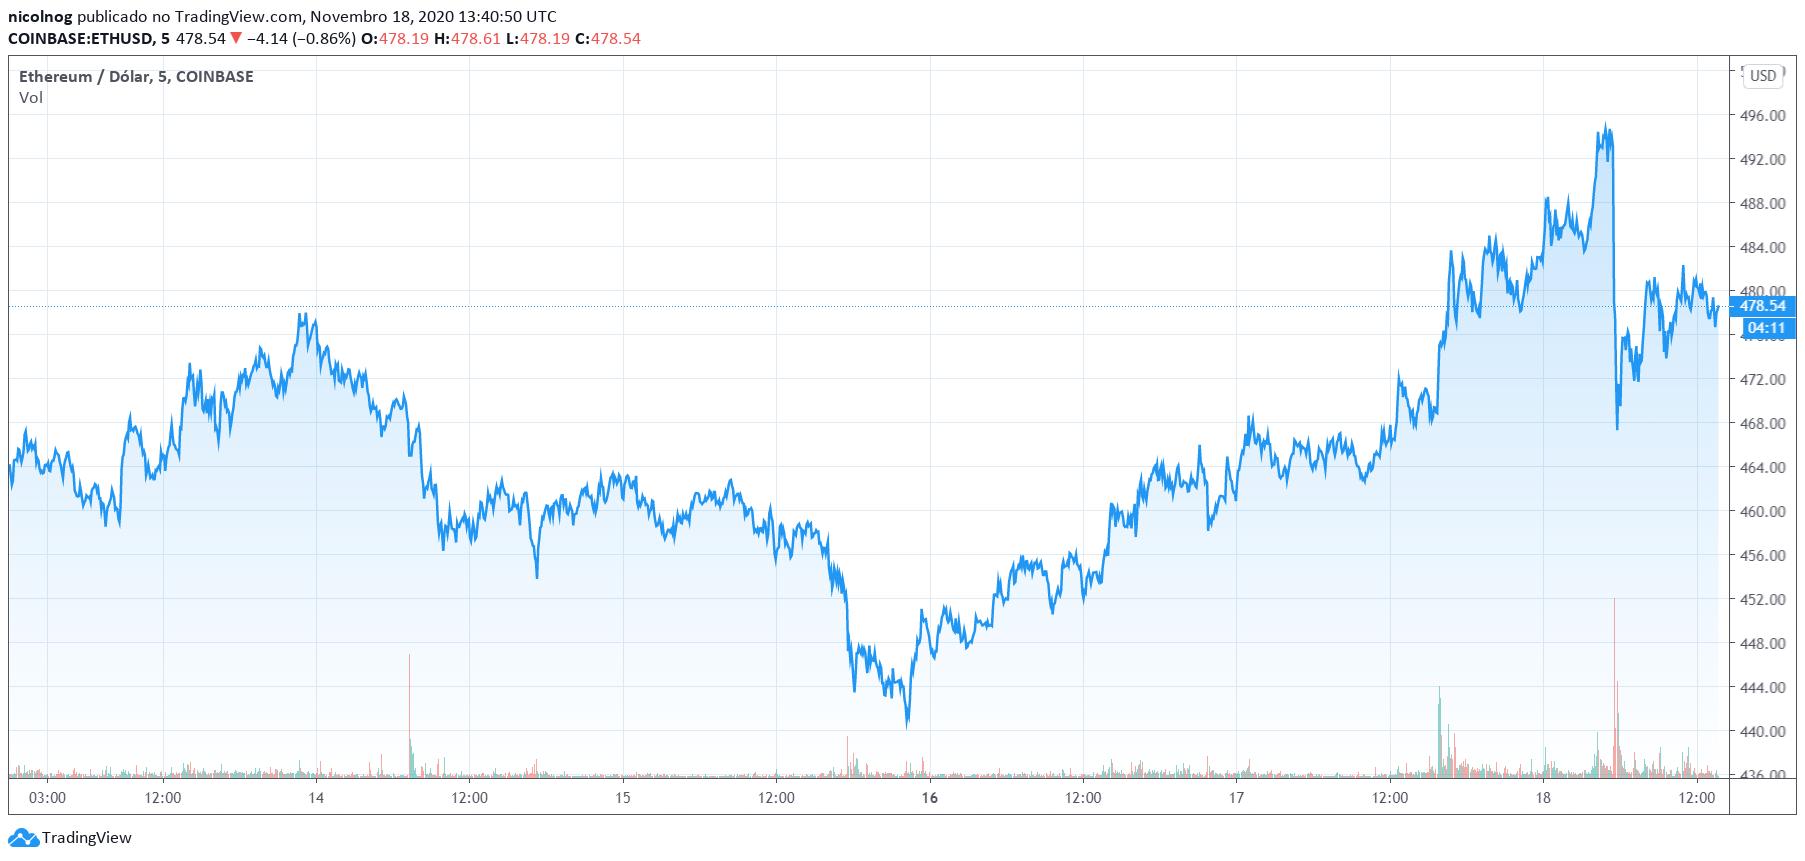 Preço do Ethereum nos últimos cinco dias